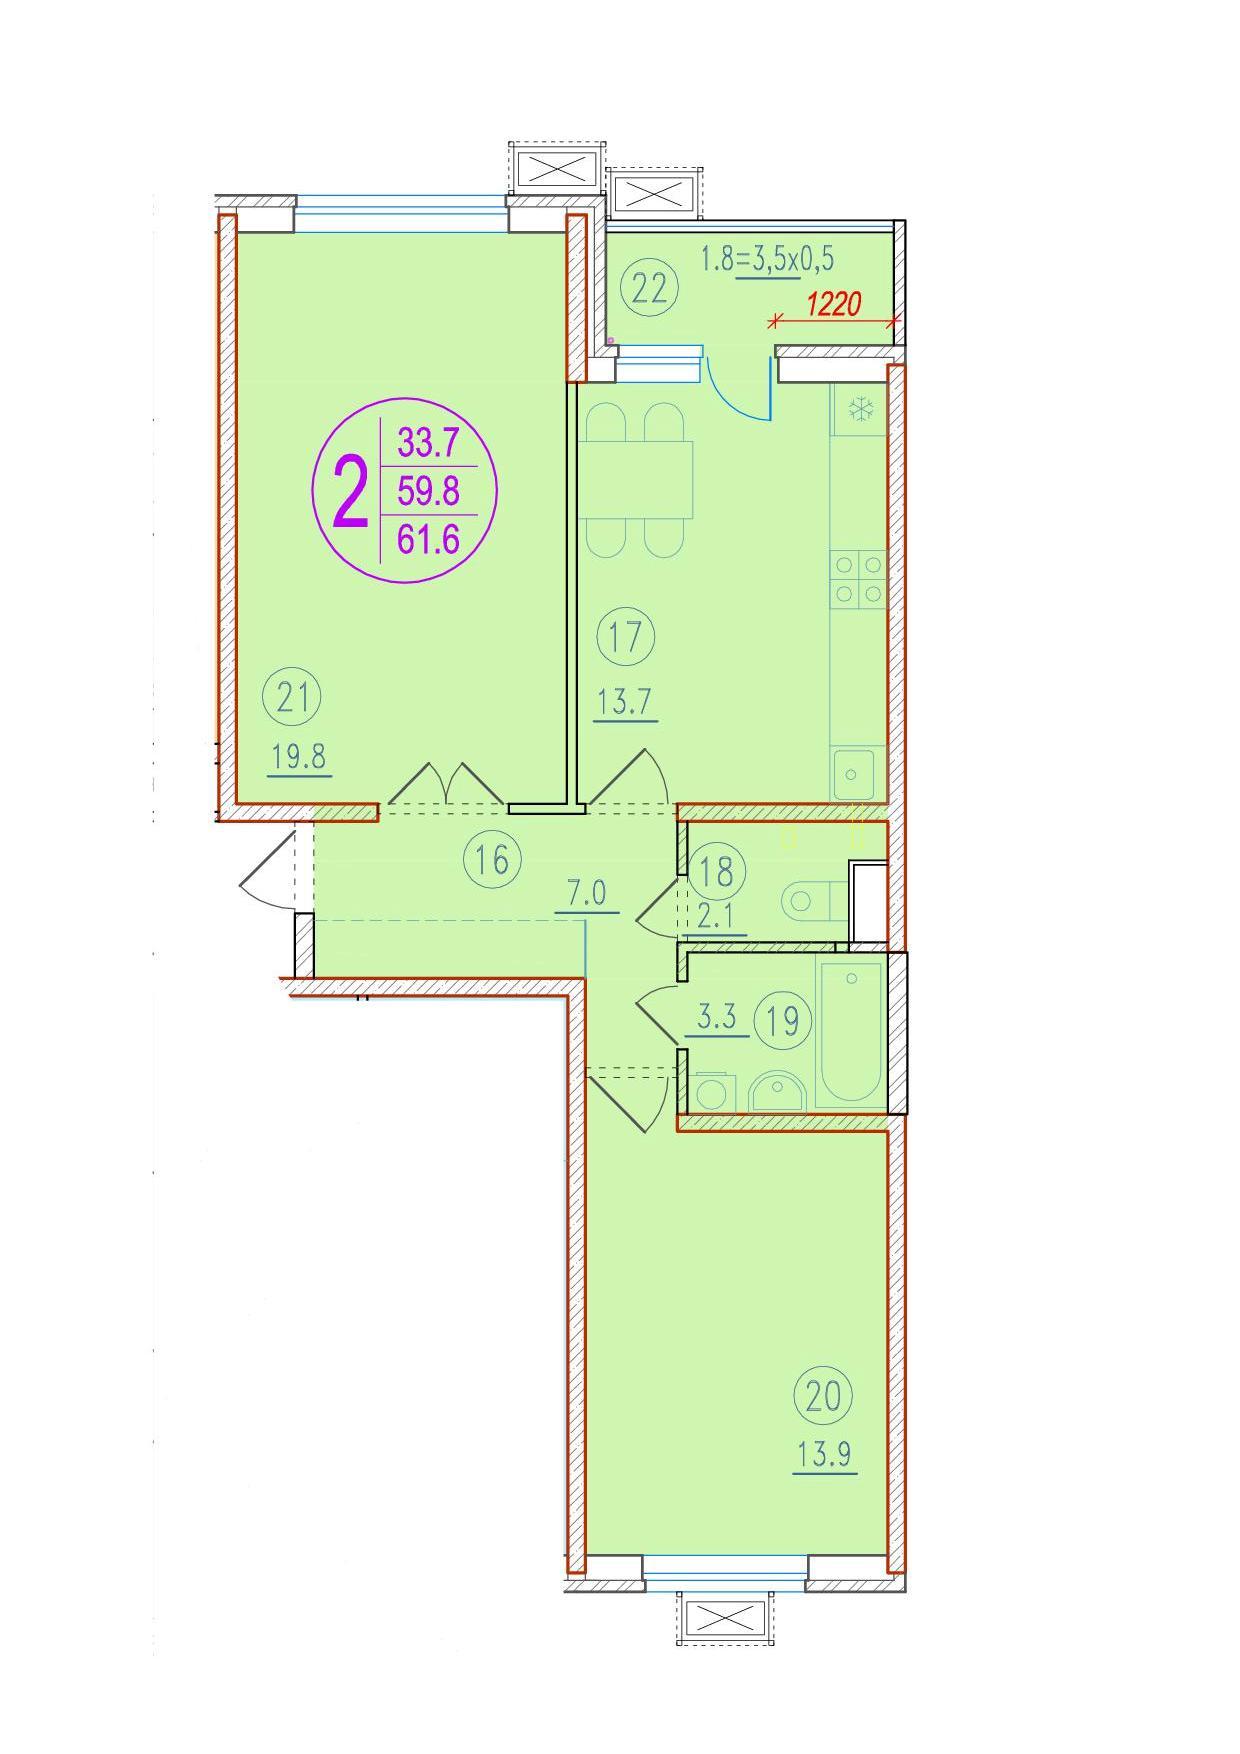 2-комнатная 61.6<span>м<sup>2</sup></span>